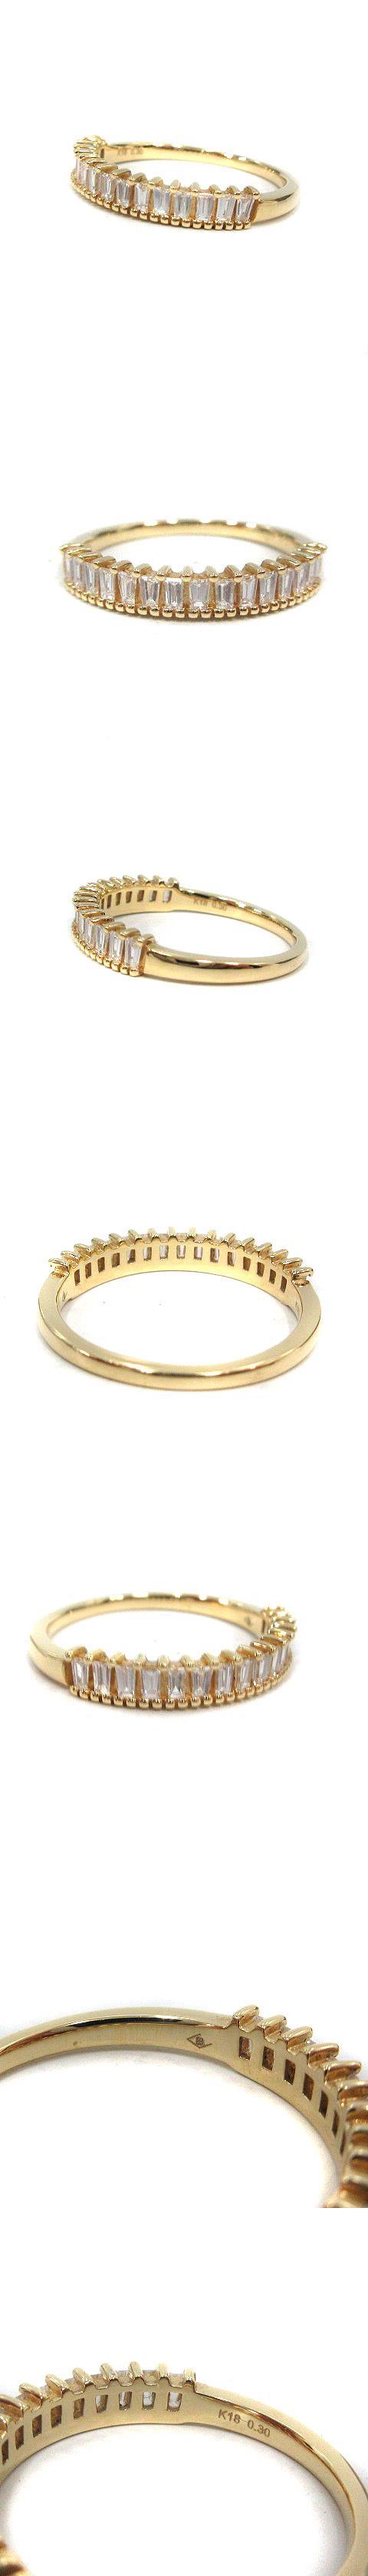 BELLESIORA ベルシオラ リング 指輪 バゲットカットダイヤ 0.3Ct 9号 K18YG イエローゴールド 40094311003 /SR40